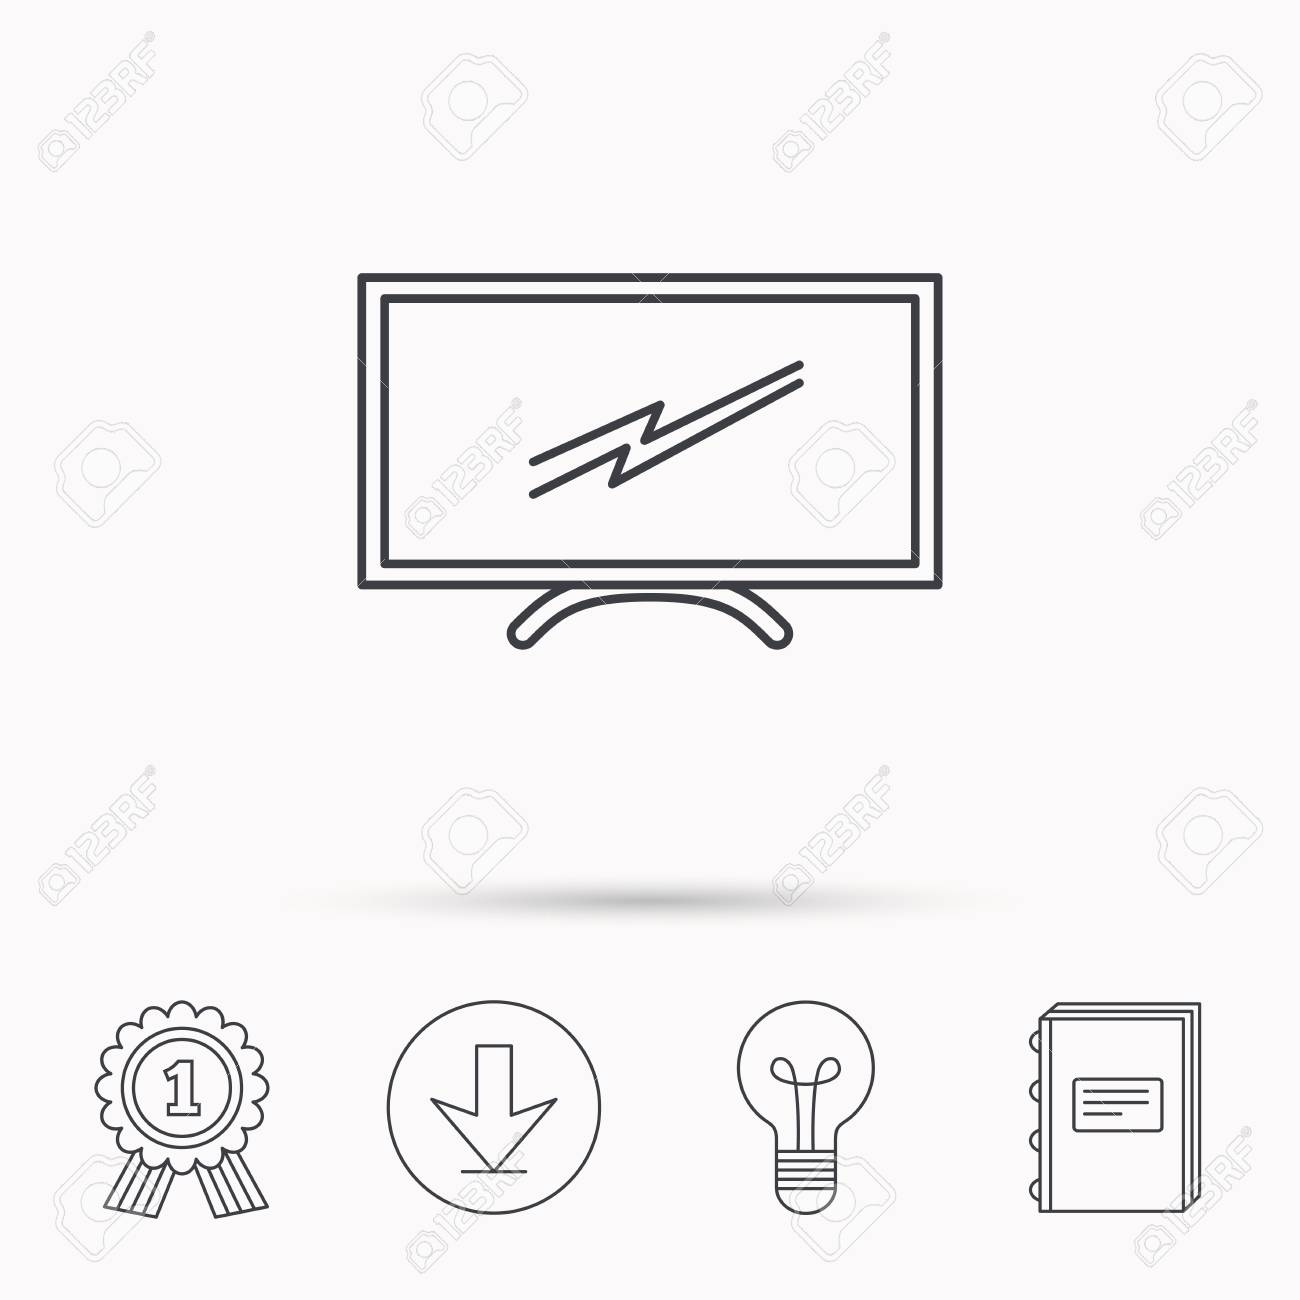 Lcd Tv Icone Led Signe Du Moniteur Widescreen Symbole D Affichage